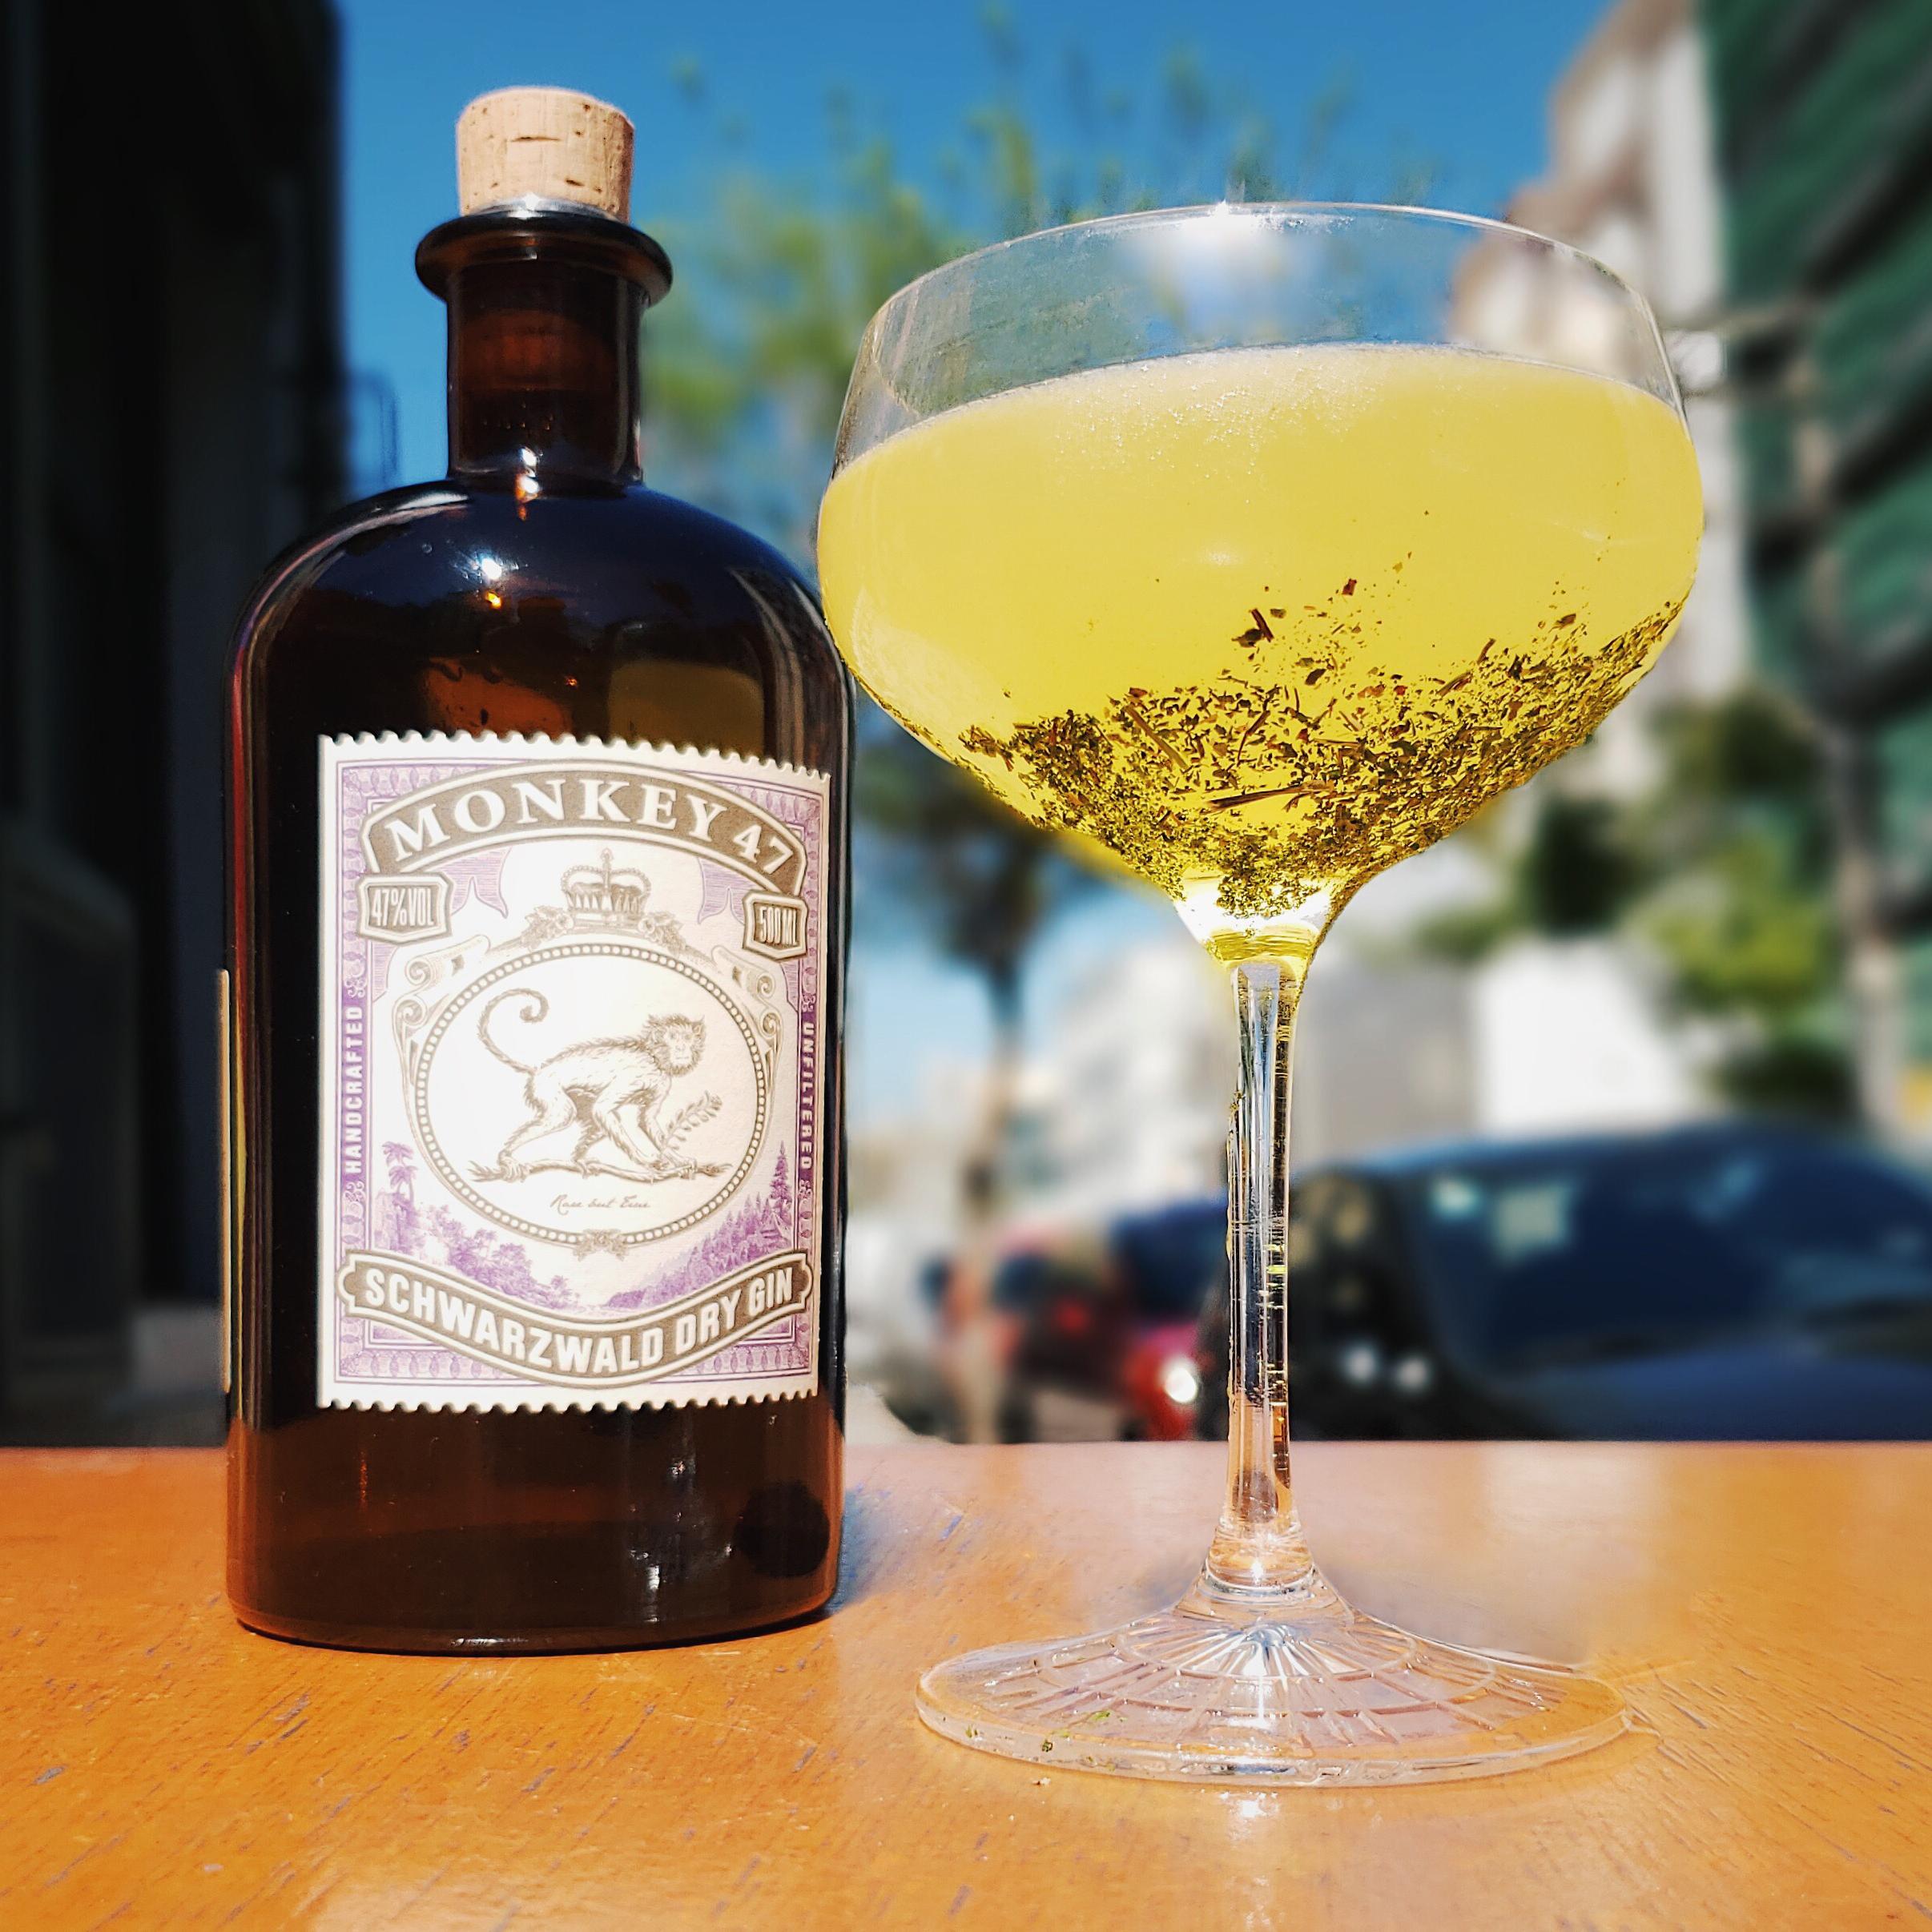 drink farrapo ao lado de garrafa do monkey 57 gin